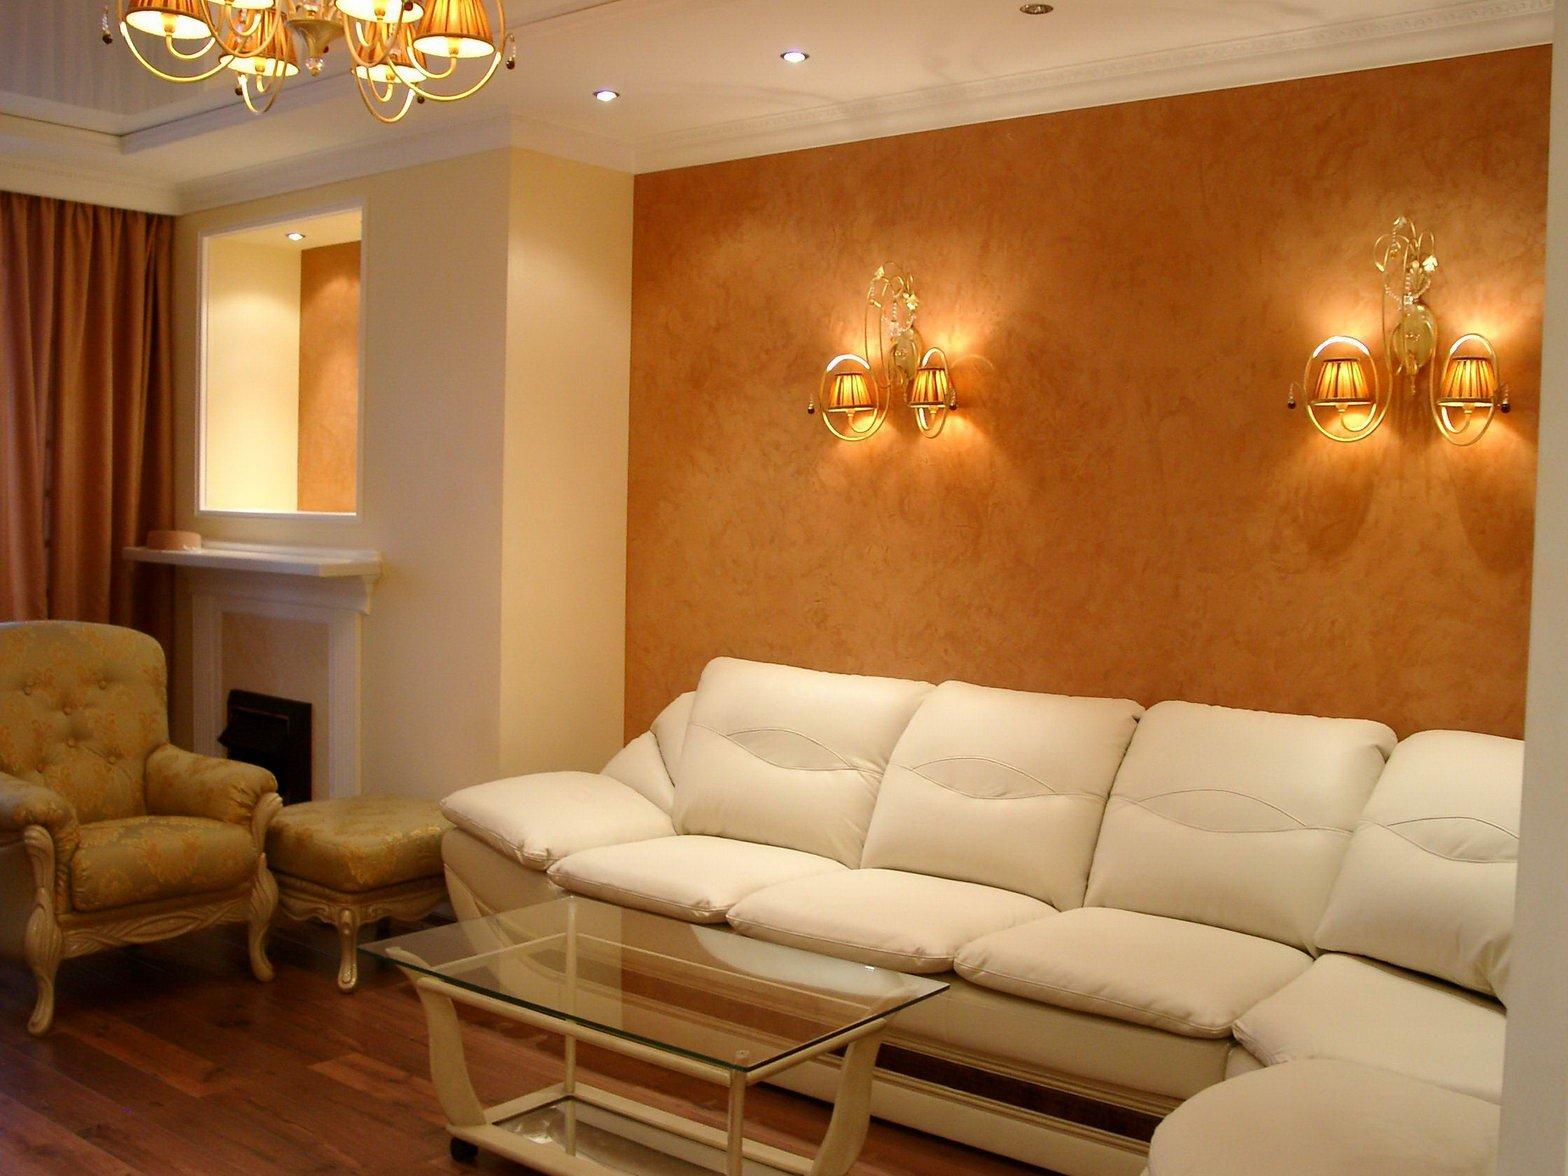 plâtre mural en soie dans le salon